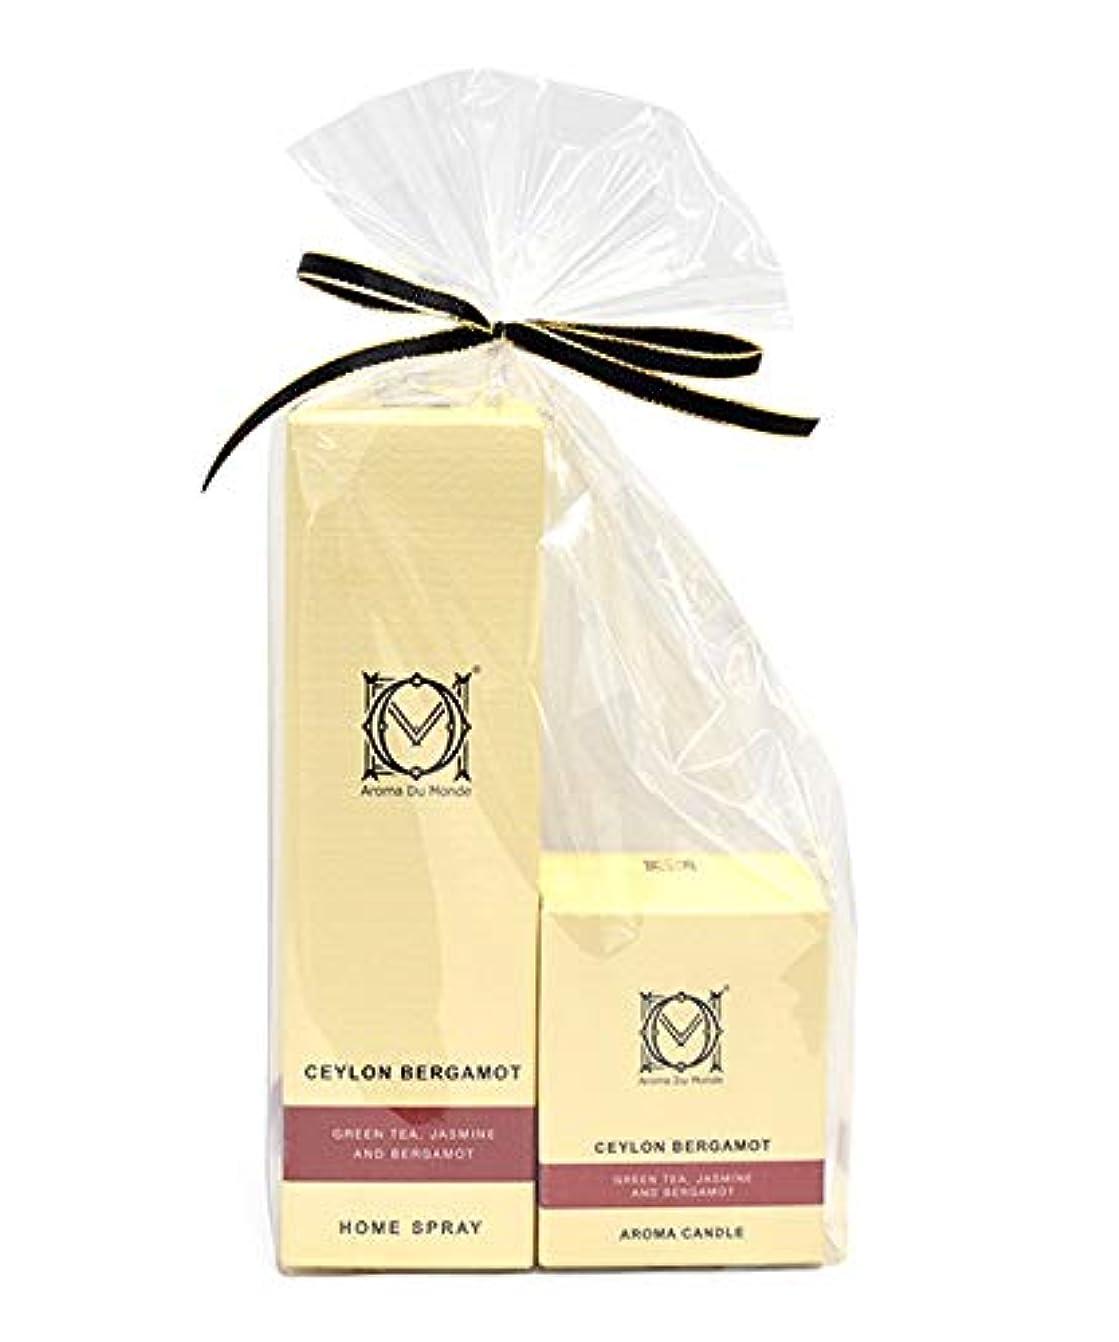 もちろんキャップ復讐ホームスプレー&キャンドル セイロンベルガモットセット Aroma Du Monde/ADM Home Spray & Candle Ceylon Bergamot Set 81151